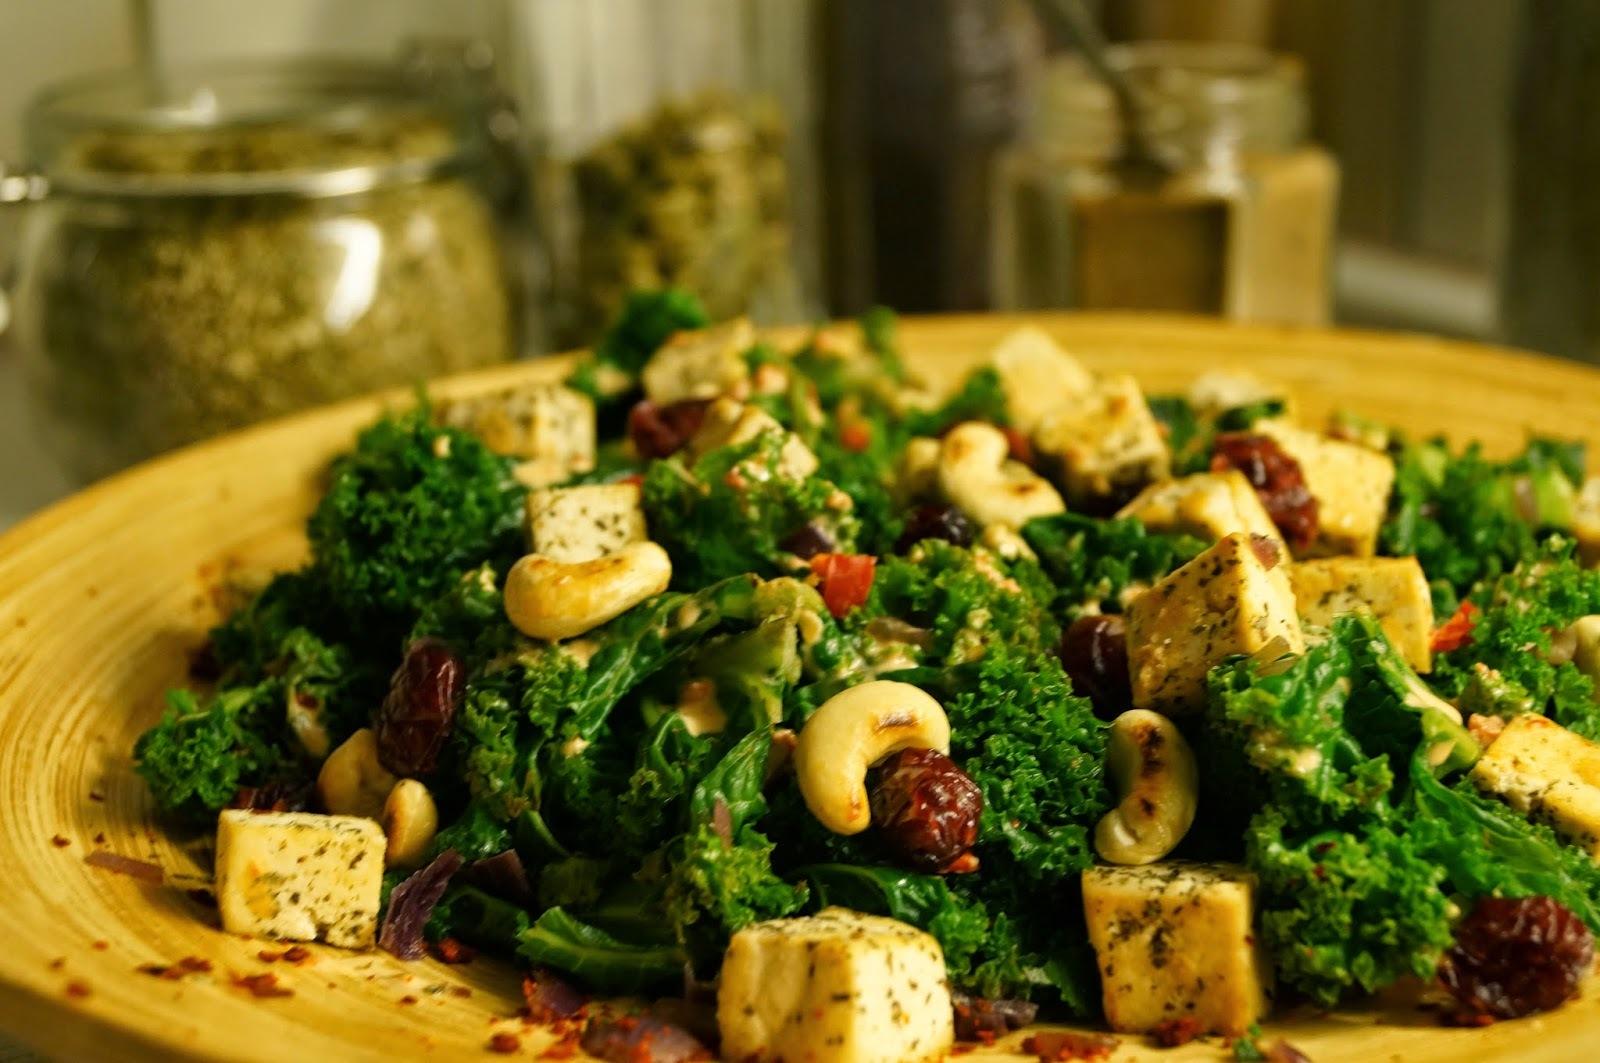 Orientalische Grünkohl-Bowle mit Minztofu, gerösteten Cashewkernen, Cranberries und einer Tahin-Chili-Sauce